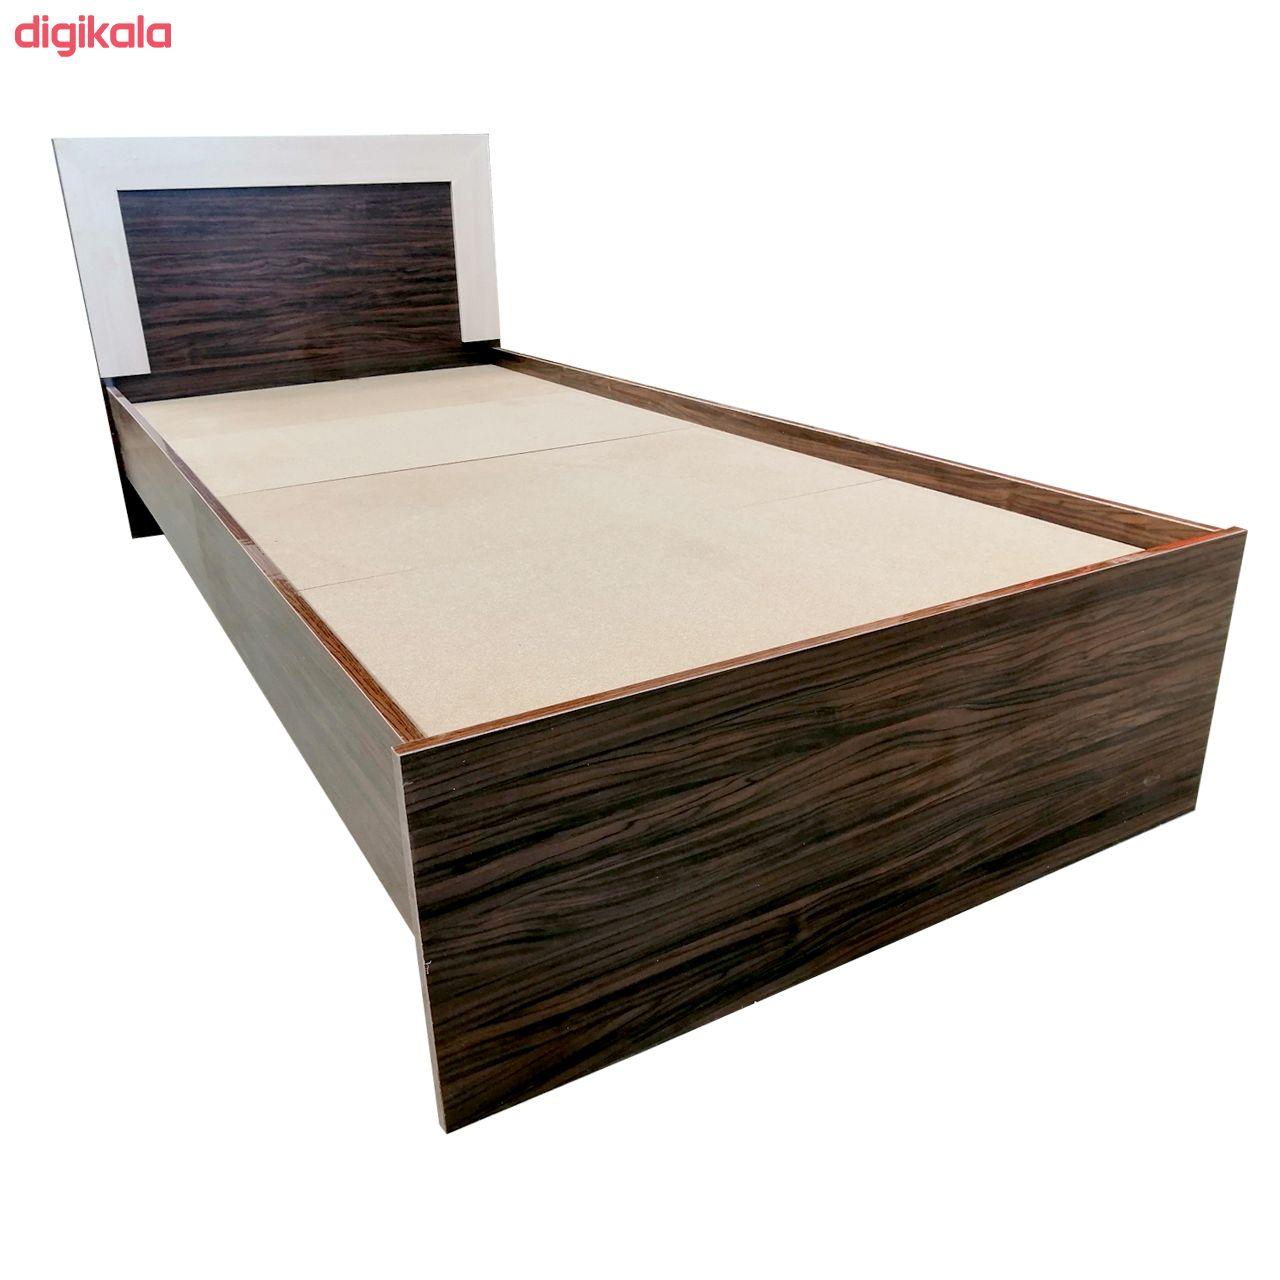 تخت خواب یک نفره مدل TB15 سایز 200x96 سانتی متر  main 1 4